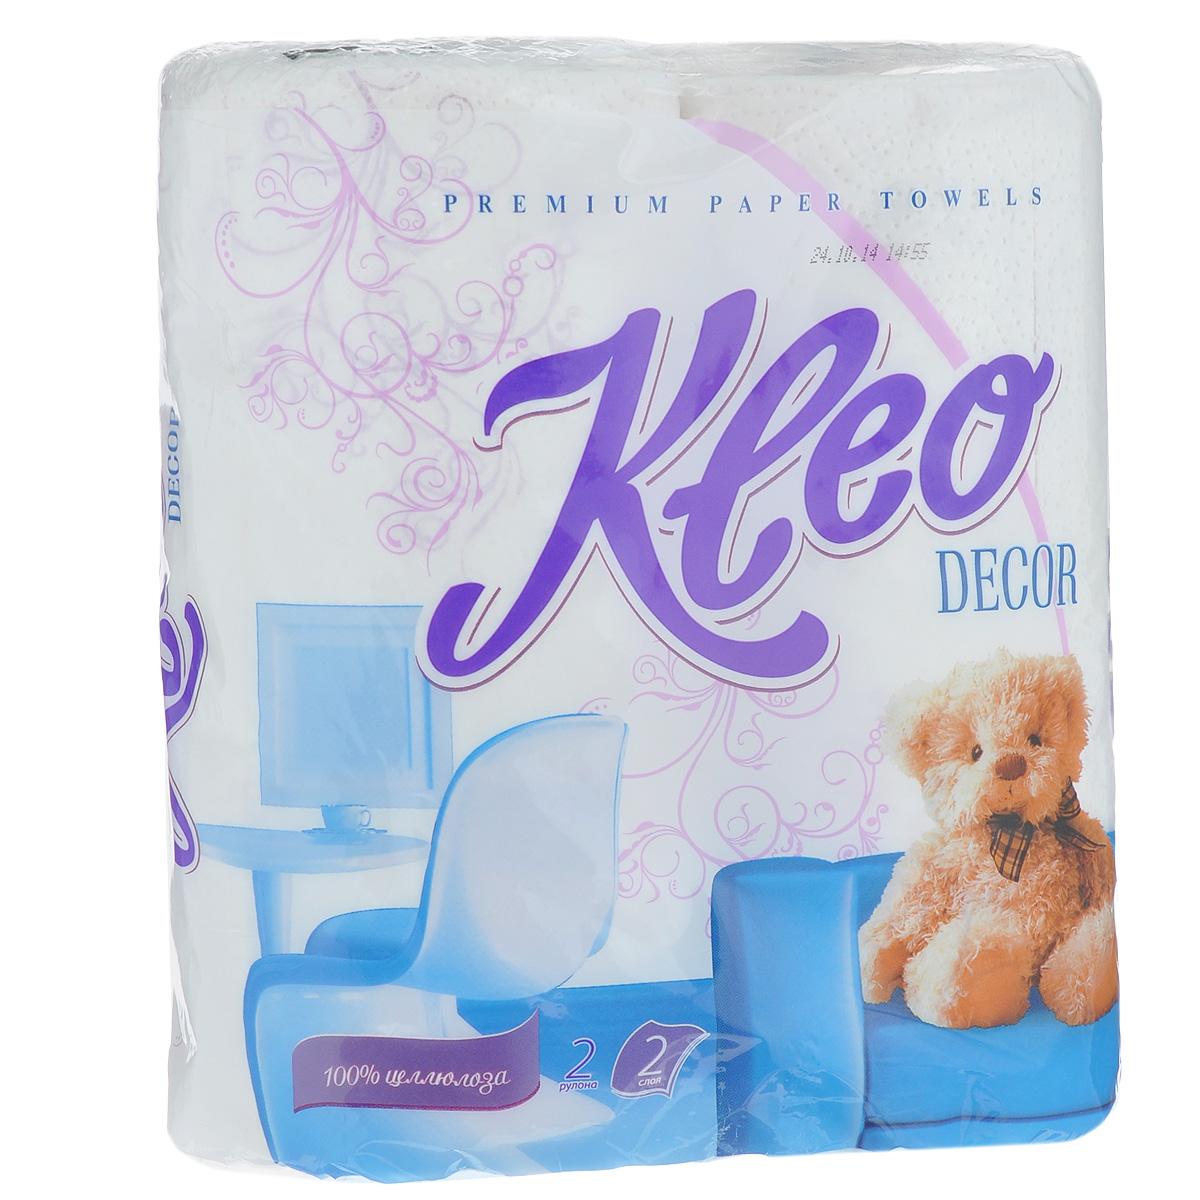 Полотенца бумажныеKleo Decor, двухслойные, цвет: белый, 2 рулонаC120Бумажные полотенца Kleo Decor созданы из экологически чистого волокна - 100% целлюлозы. Двухслойные, с цветным рисунком. Хорошо впитывают влагу и идеально подходят для ежедневного использования.Количество листов: 48 шт. Количество слоев: 2. Размер листа: 25 см х 23 см. Состав: 100% целлюлоза.